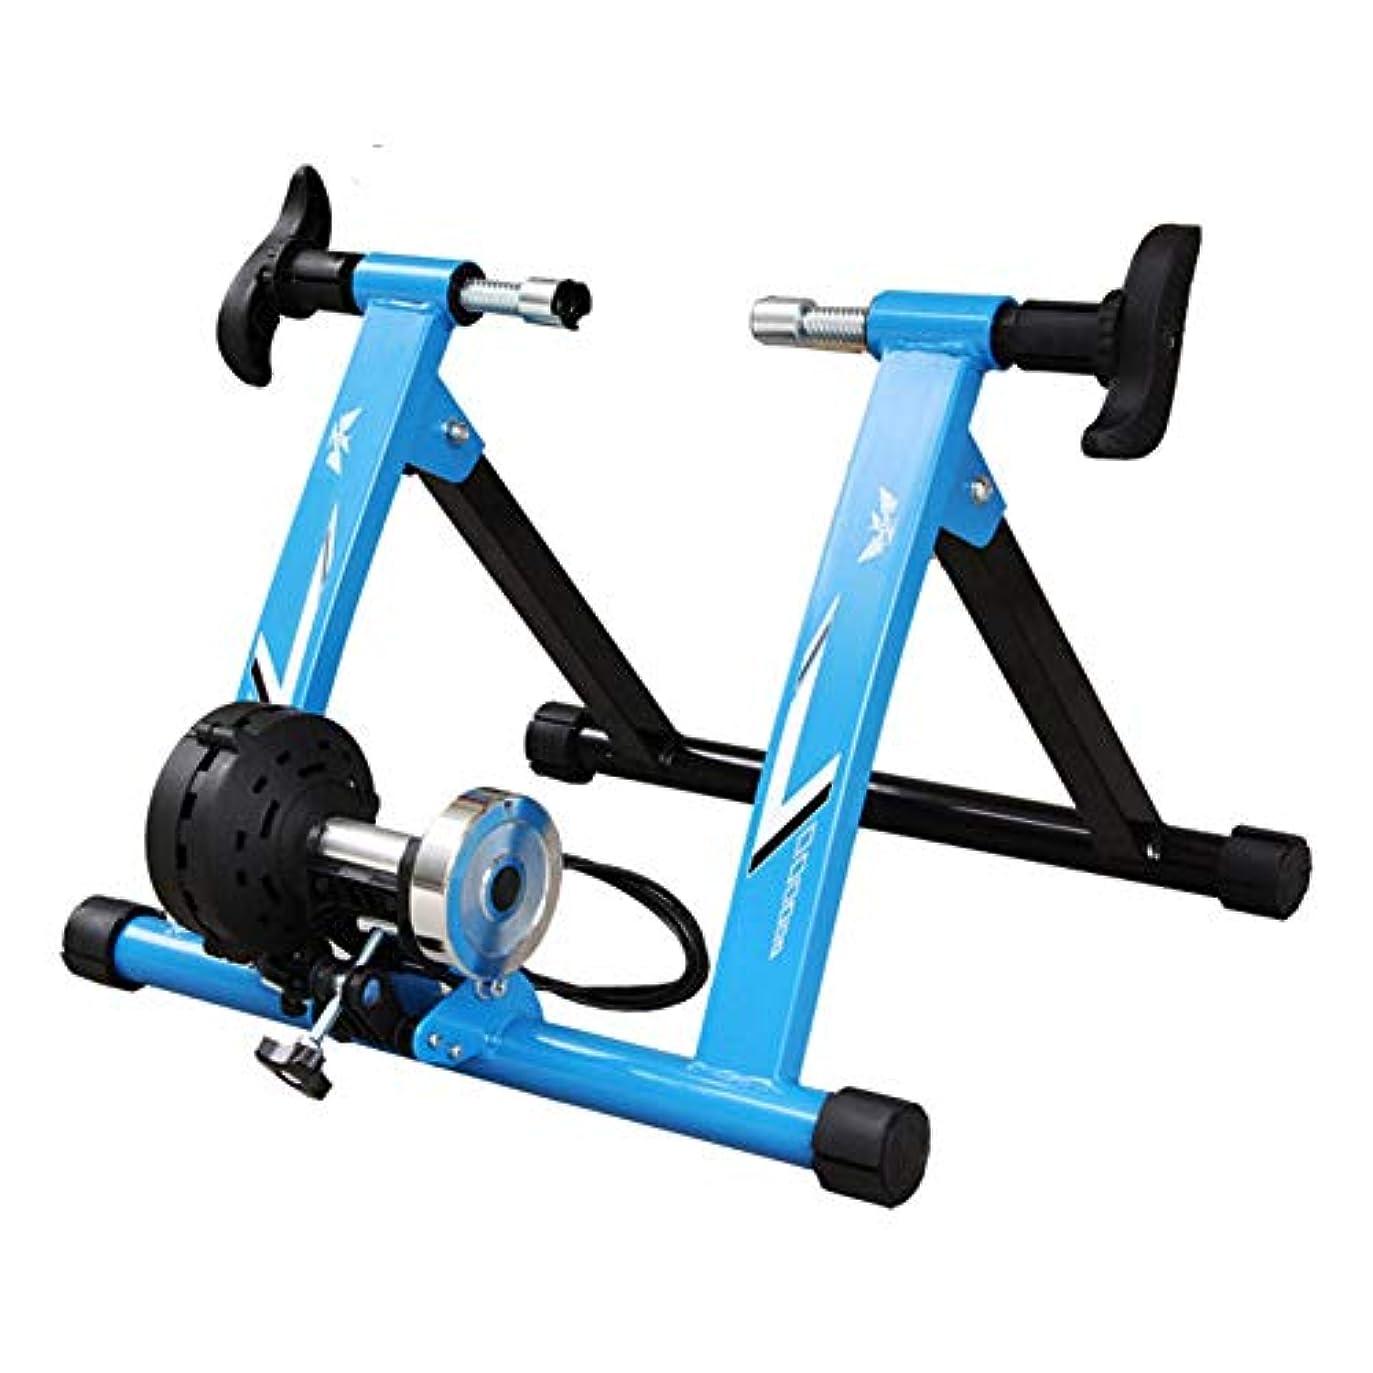 悲観主義者カブトロリーバスパーキングラックフィットネスラック自転車駐輪場ワイヤー式屋内トレーニングプラットフォーム山岳道路(36?37INに適しています)